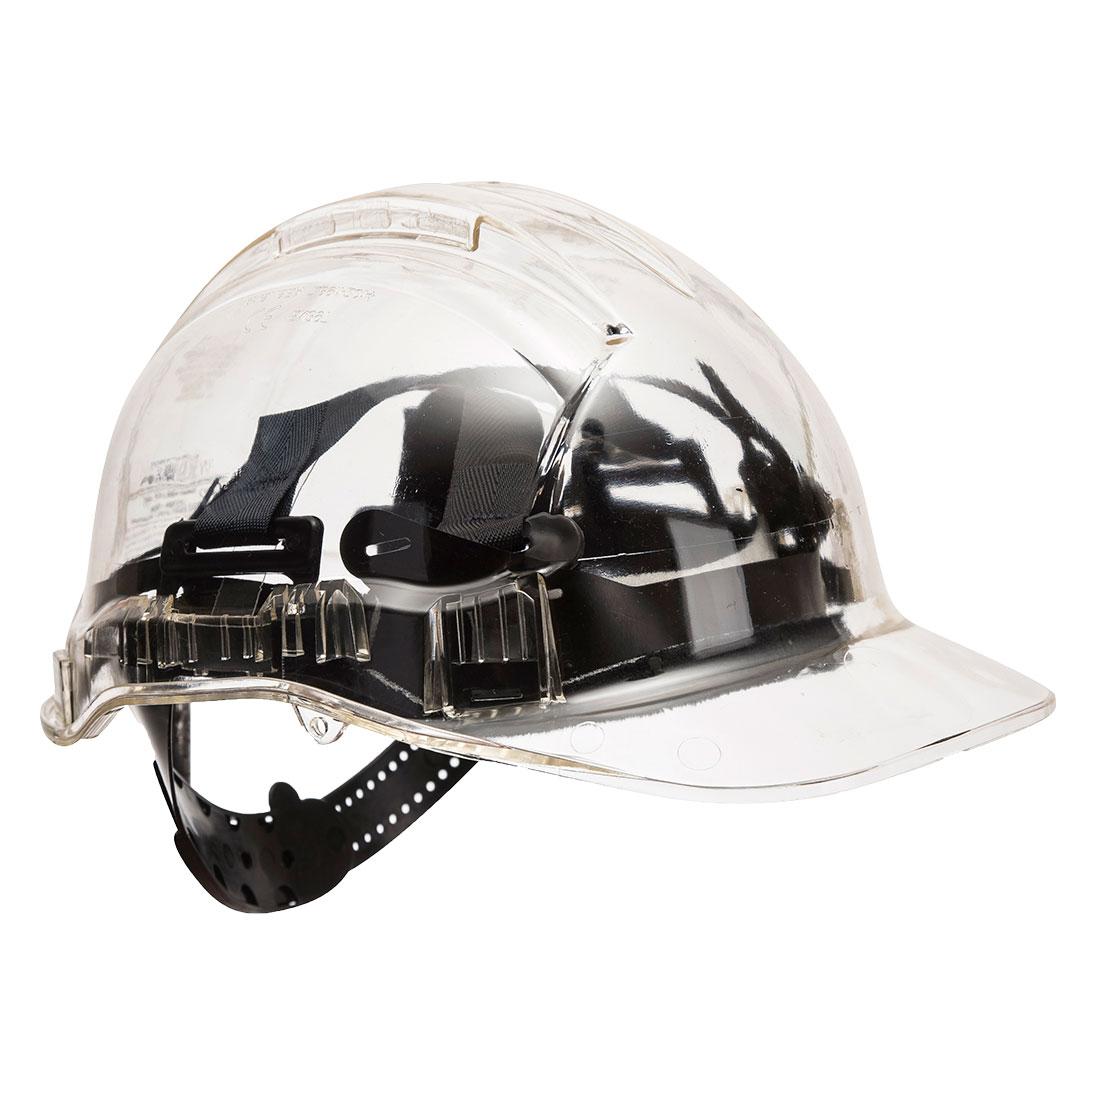 Peak View Plus Helmet Clear